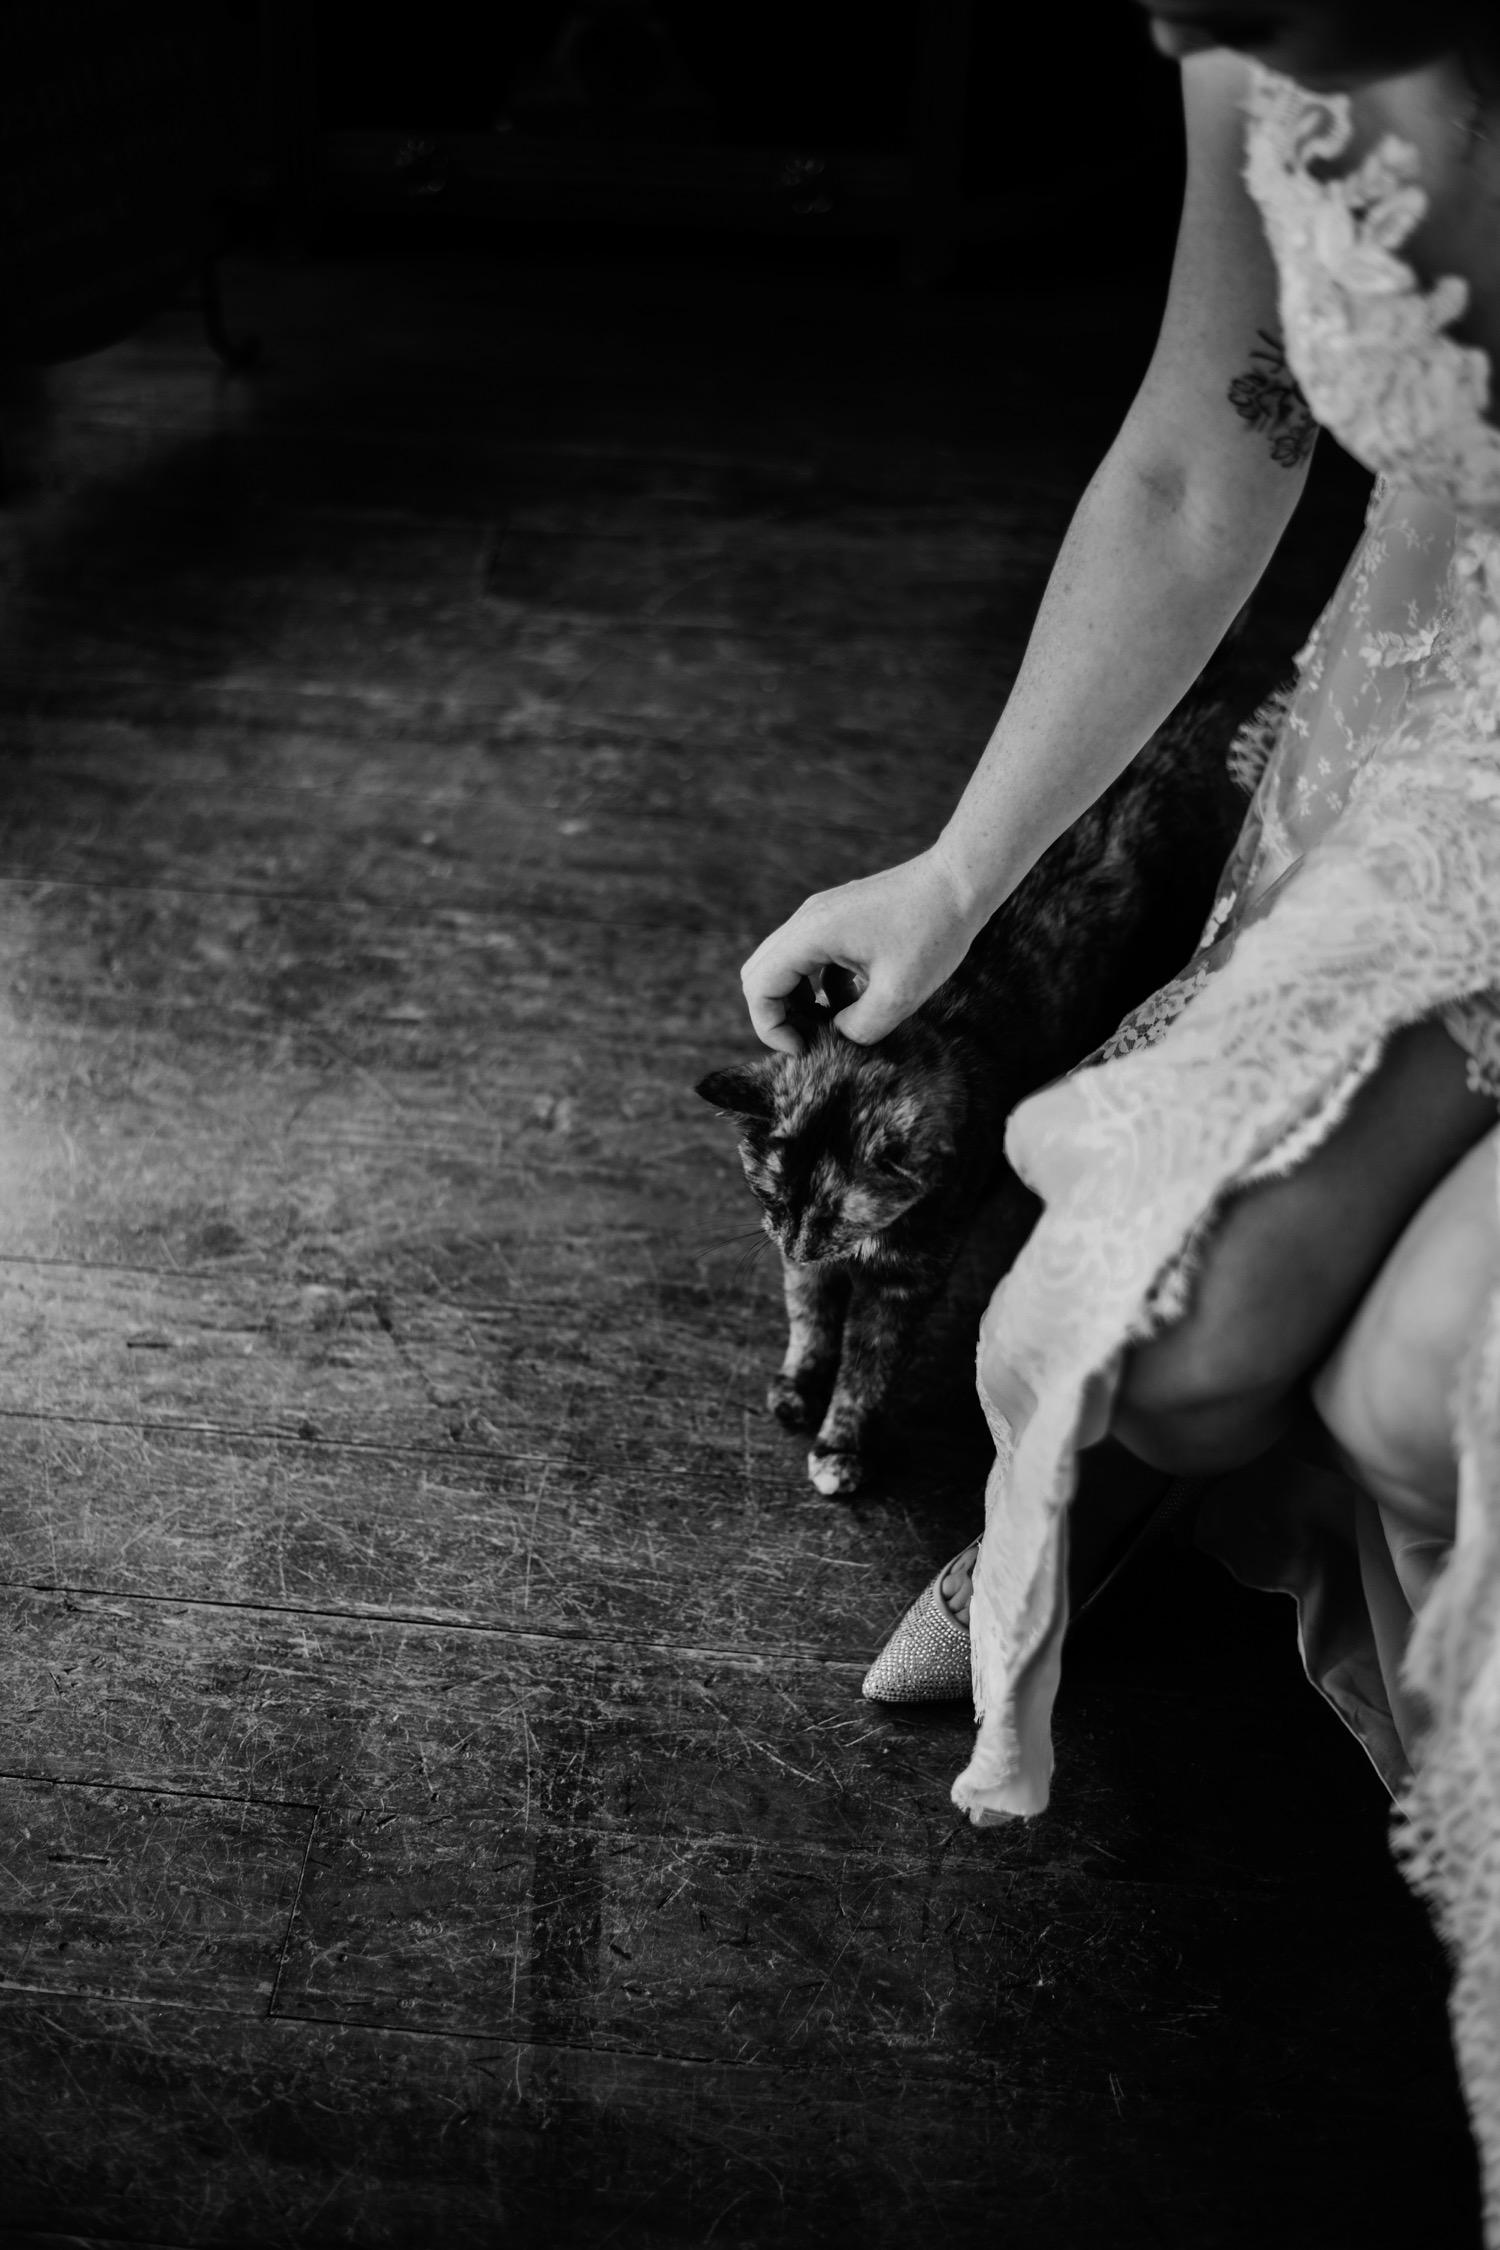 021_Bowden-Pavlocik-Galena-OakHillFarm-Wedding_0033.jpg